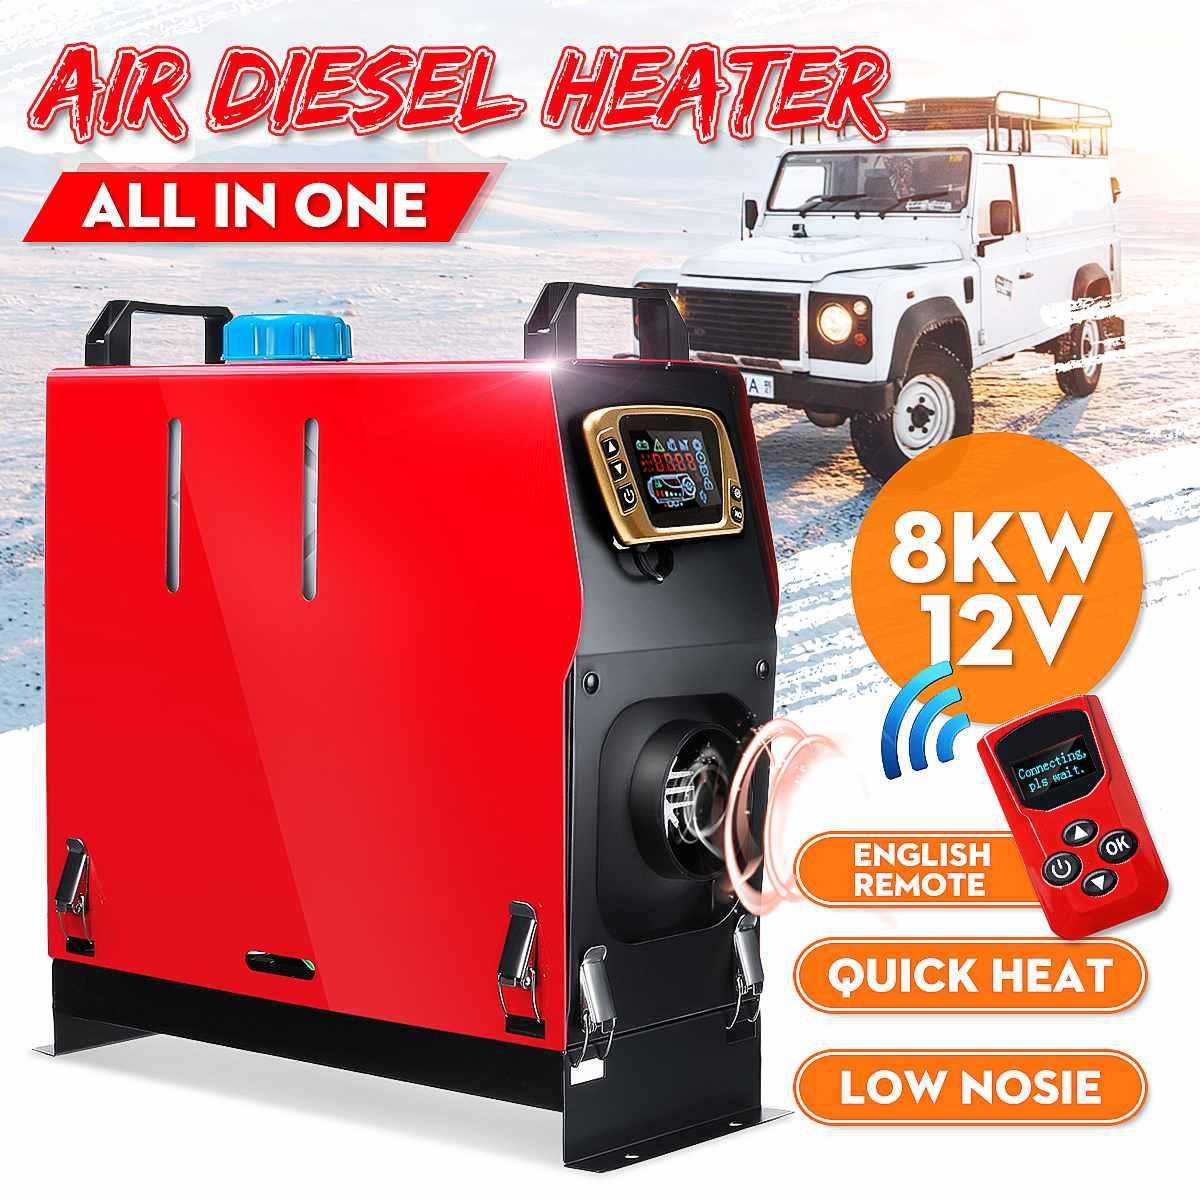 Amovible 8KW 12 V chauffage portatif Tout en Un Carburant Air Parking Warmer + D'or LCD Interrupteur + Enhlish À Distance Pour bus Camion Bateau Van